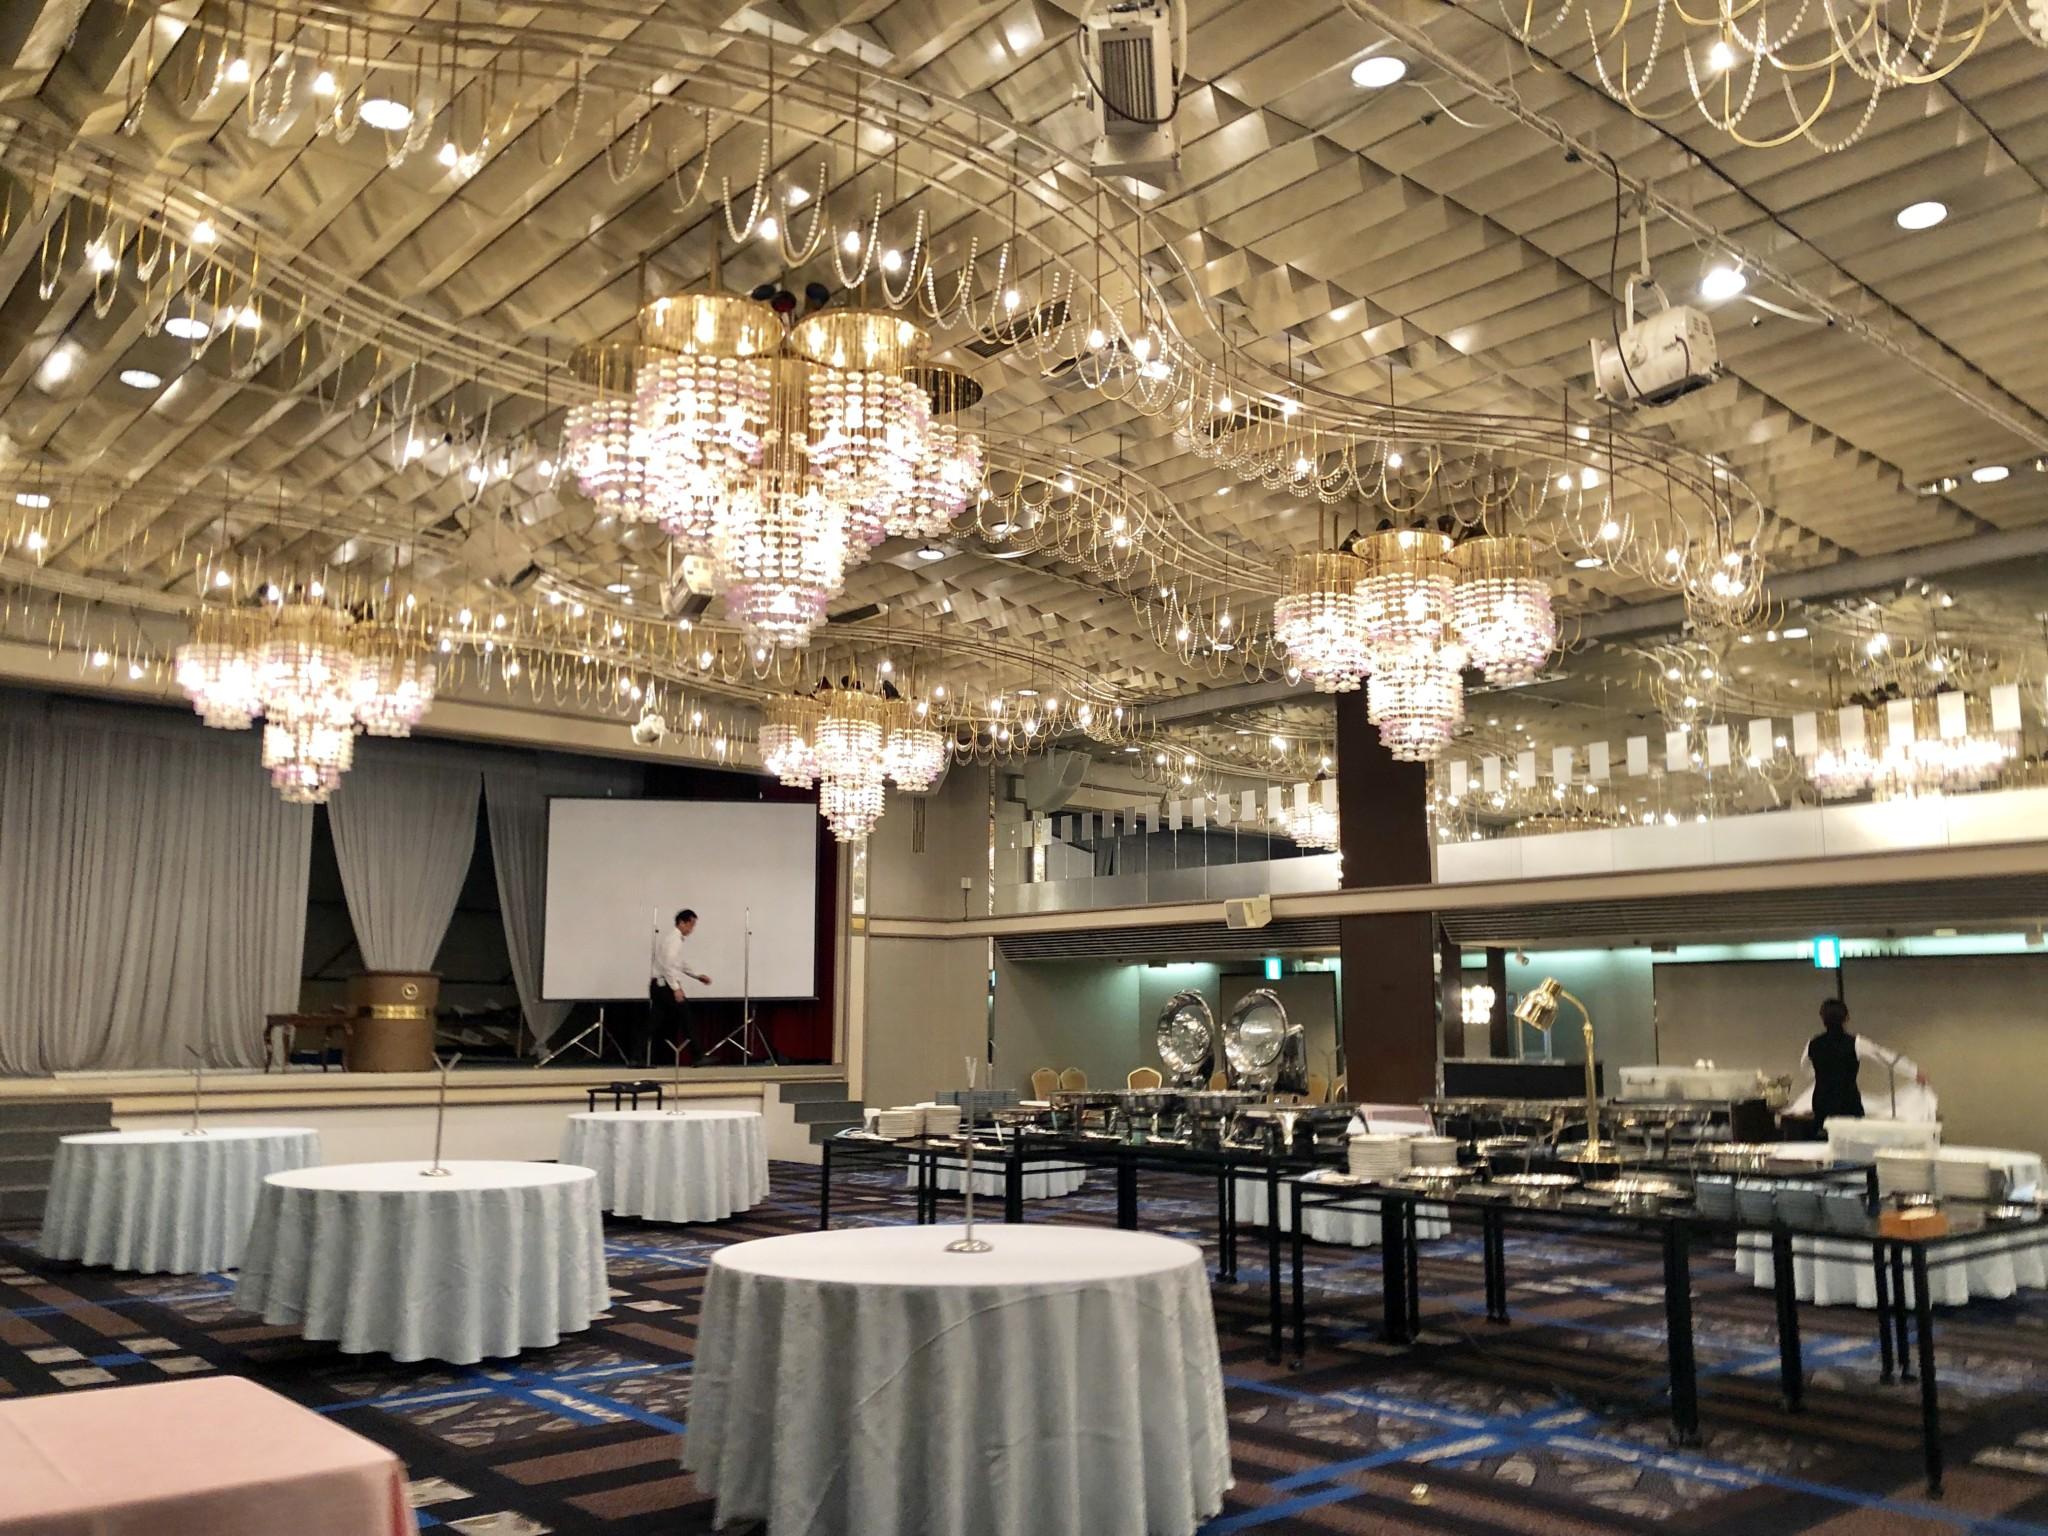 ミュージスターで余興演奏した名古屋国際ホテルです